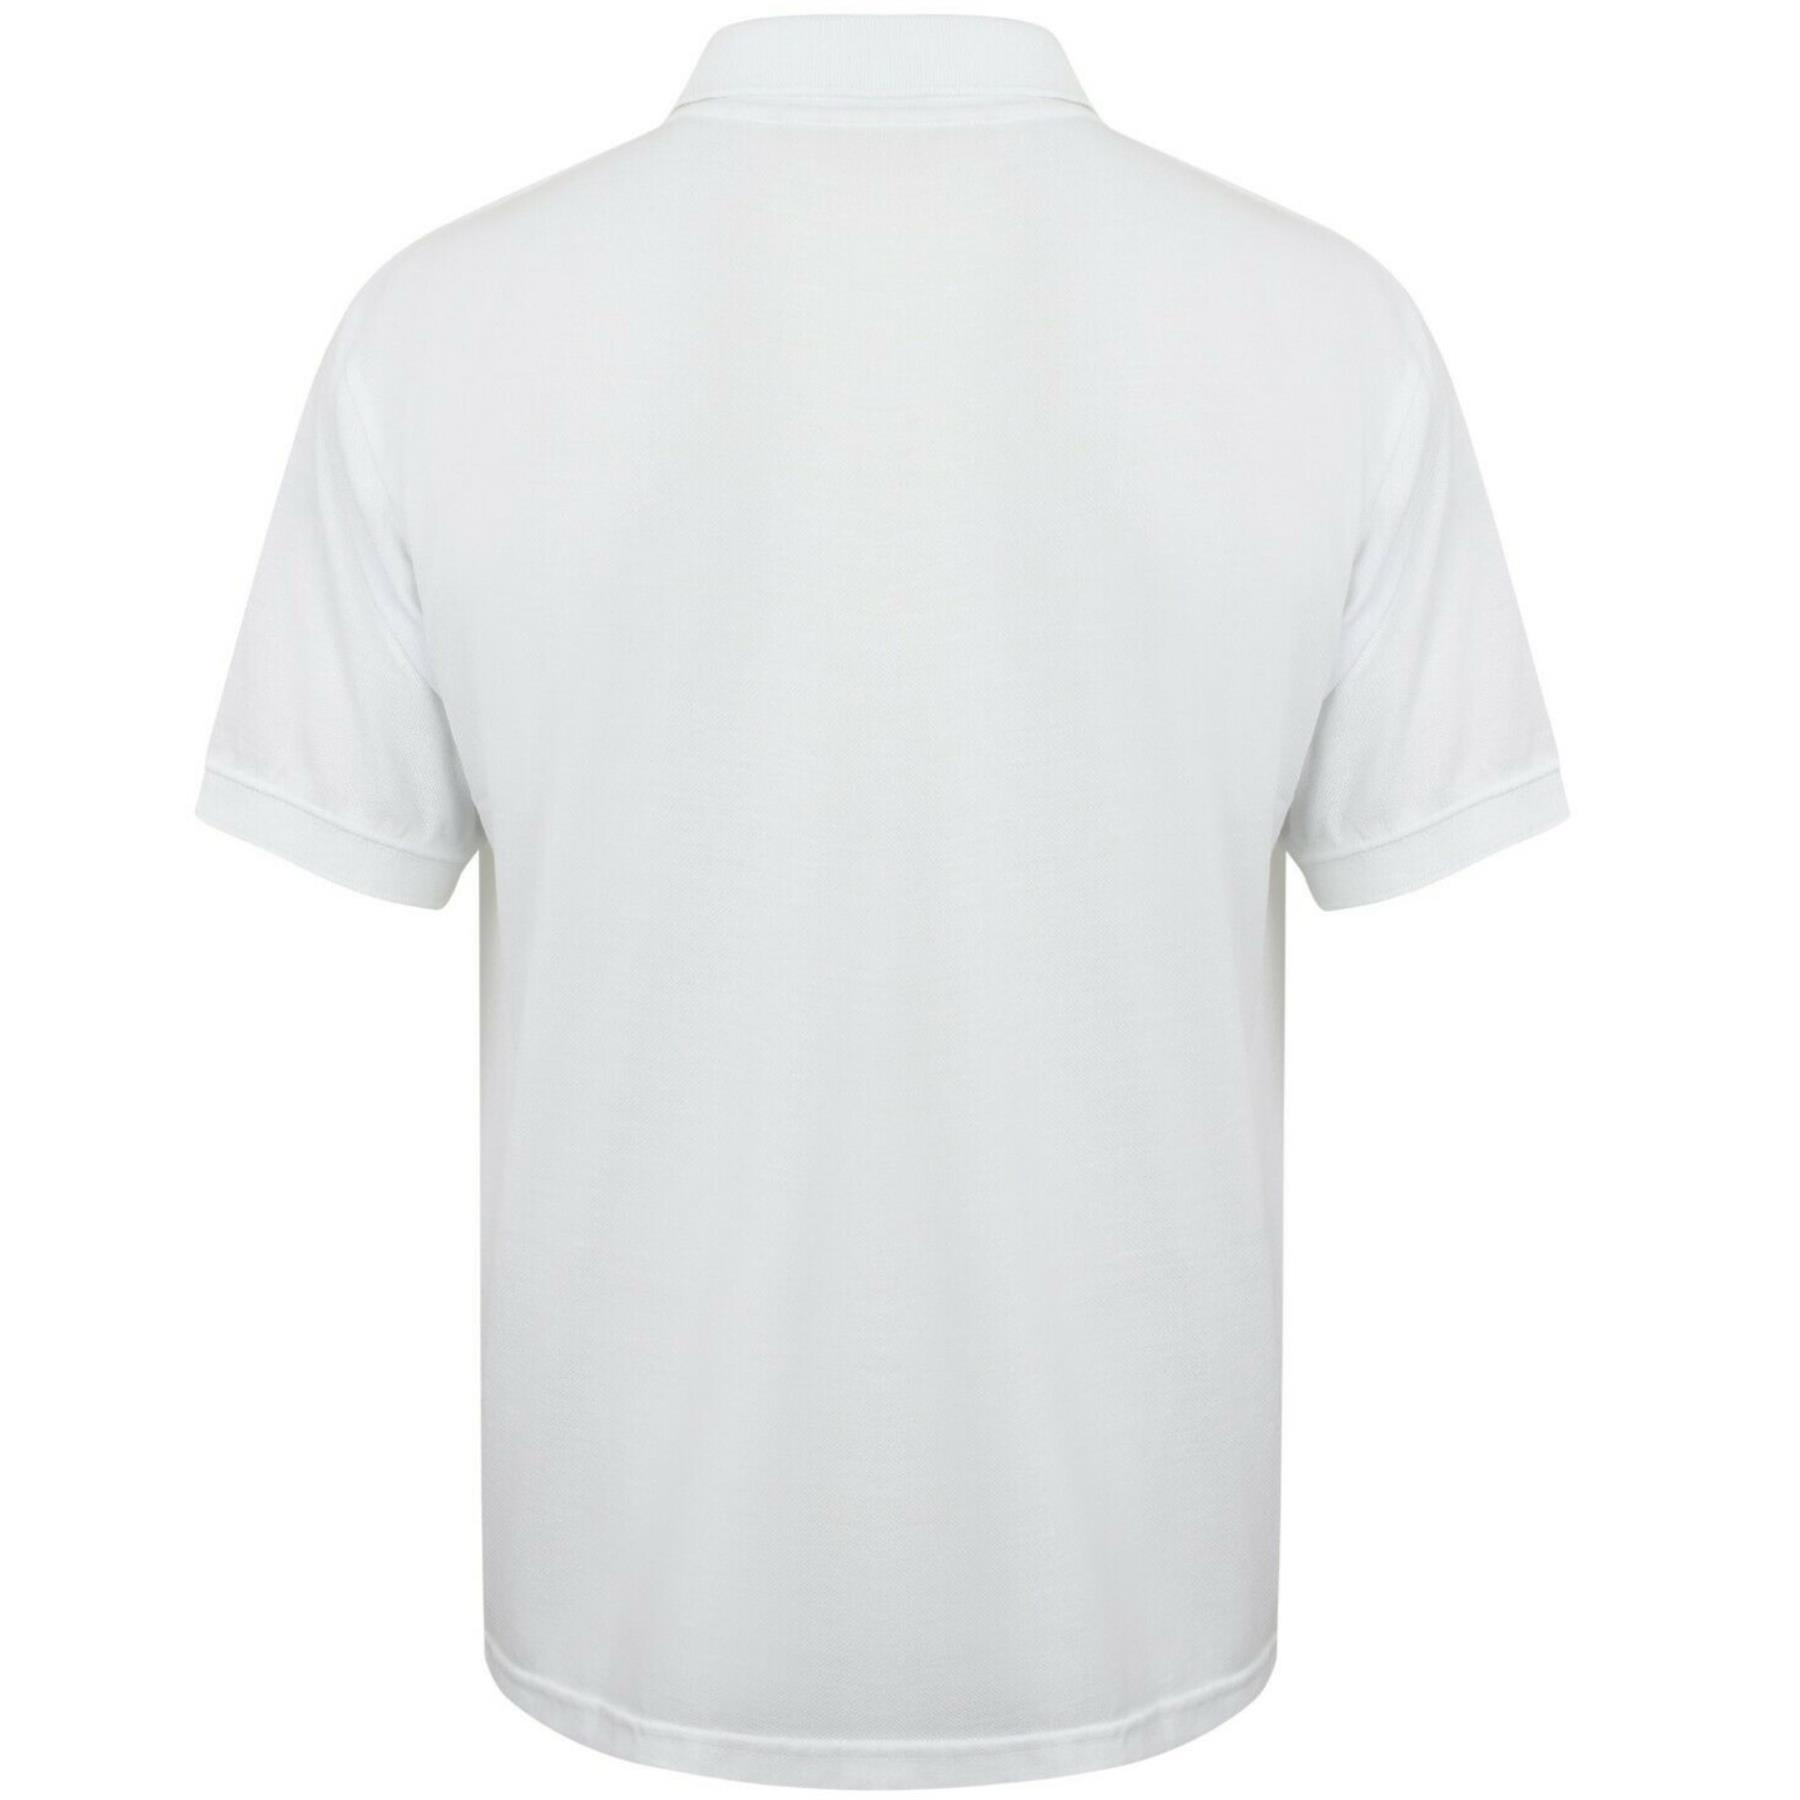 Indexbild 63 - Herren Polohemd Freizeit T-Shirts Neu Schlicht Kurzärmeliges Regular Fit